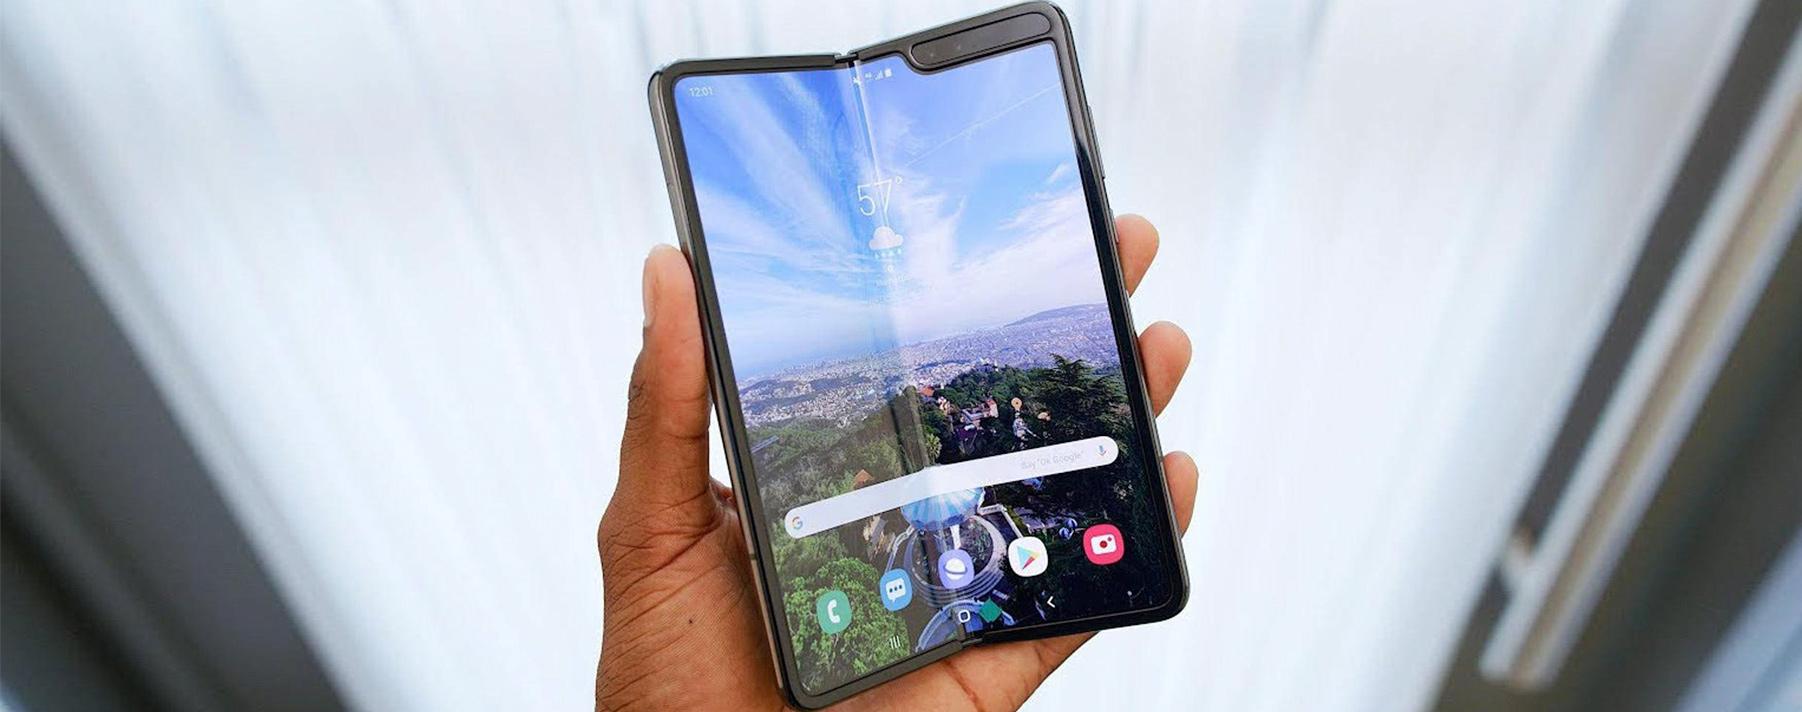 Samsung Galaxy Fold. Este dispositivo podrá ser móvil o tablet, dependiendo la necesidad del usuario.